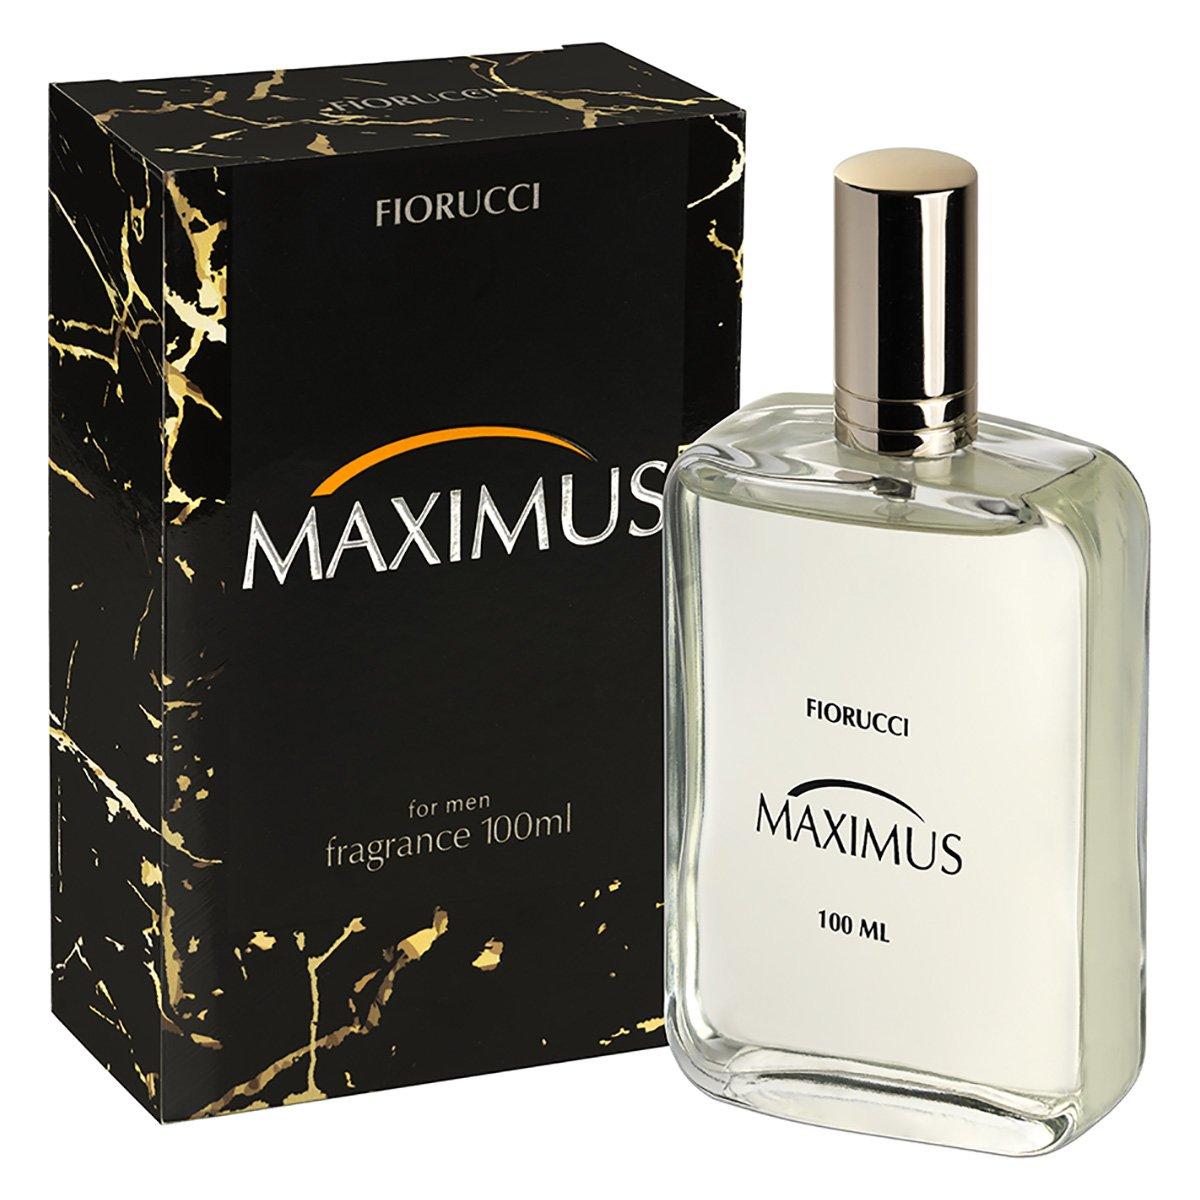 Perfume Fiorucci Maximus 100ml